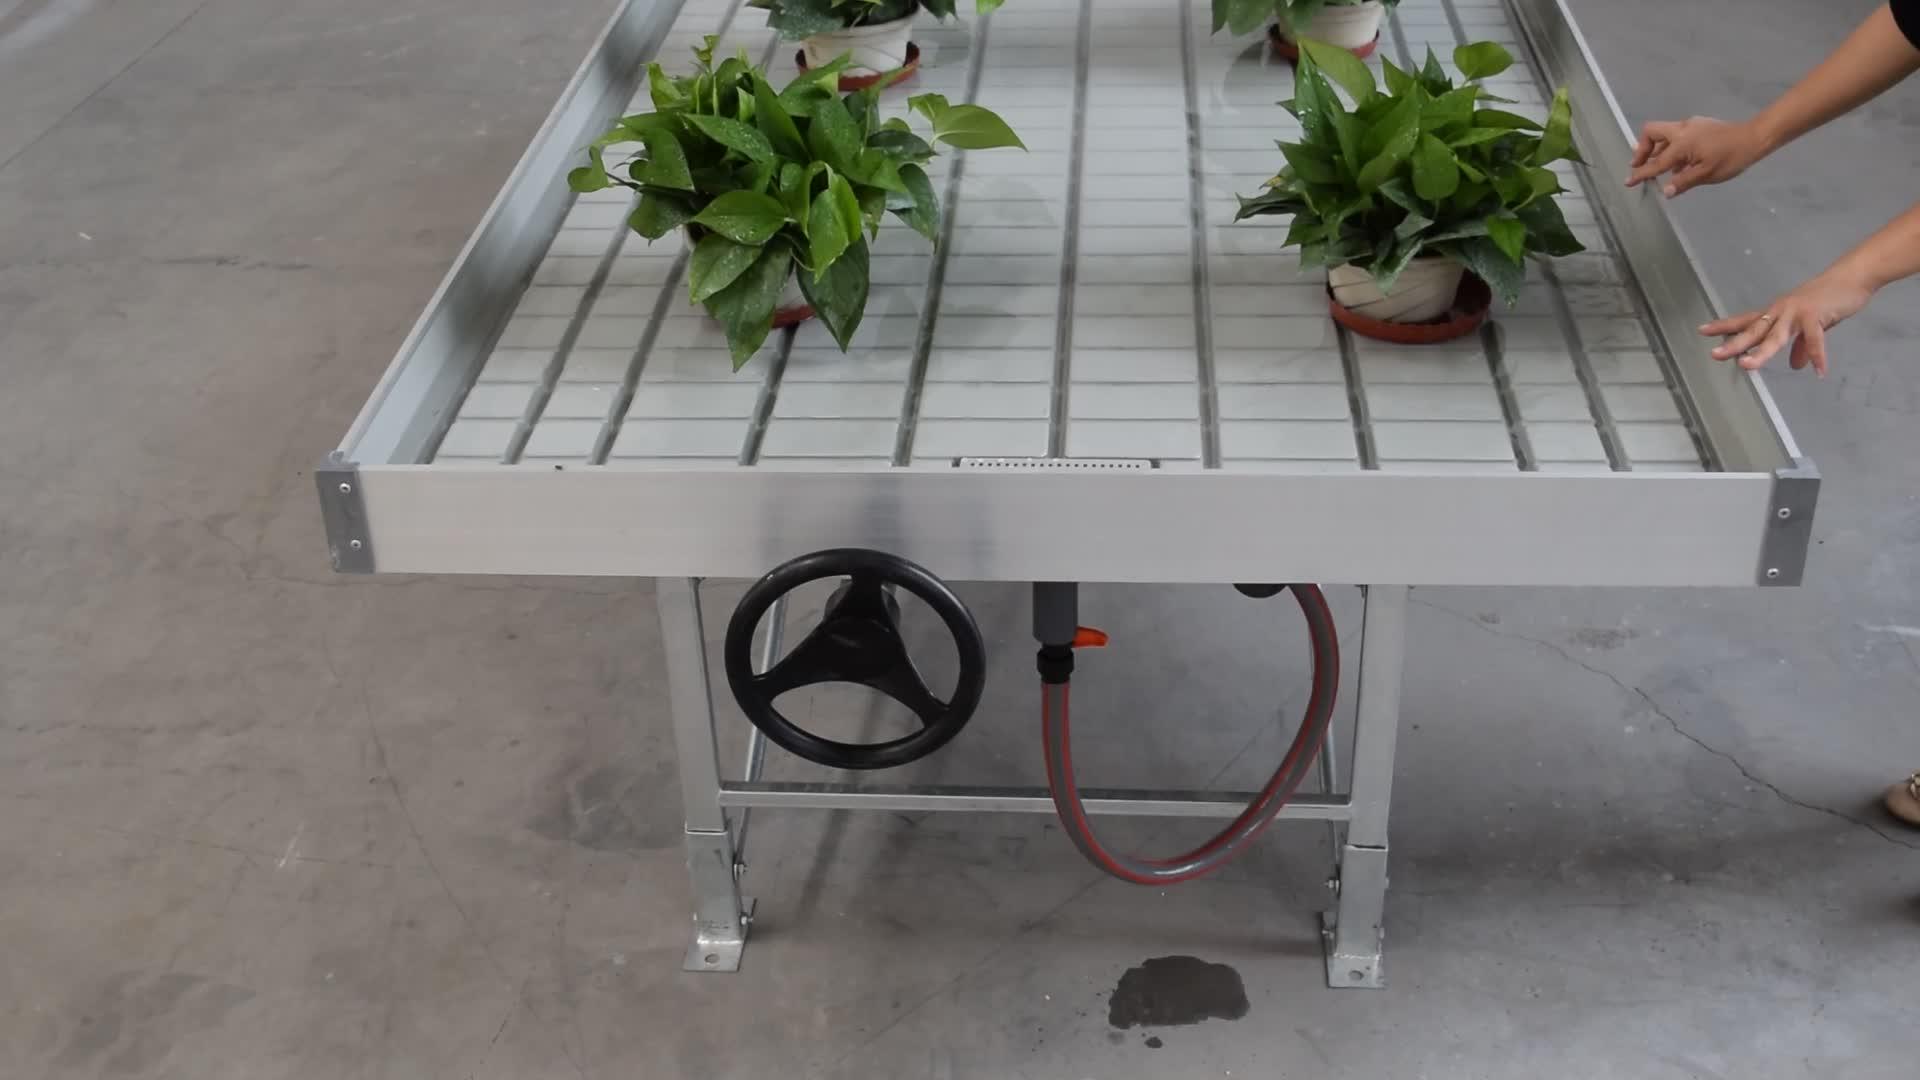 Multi spannweite landwirtschaftliche grünen haus hydrofarm 4'x8 roll kindergarten bank